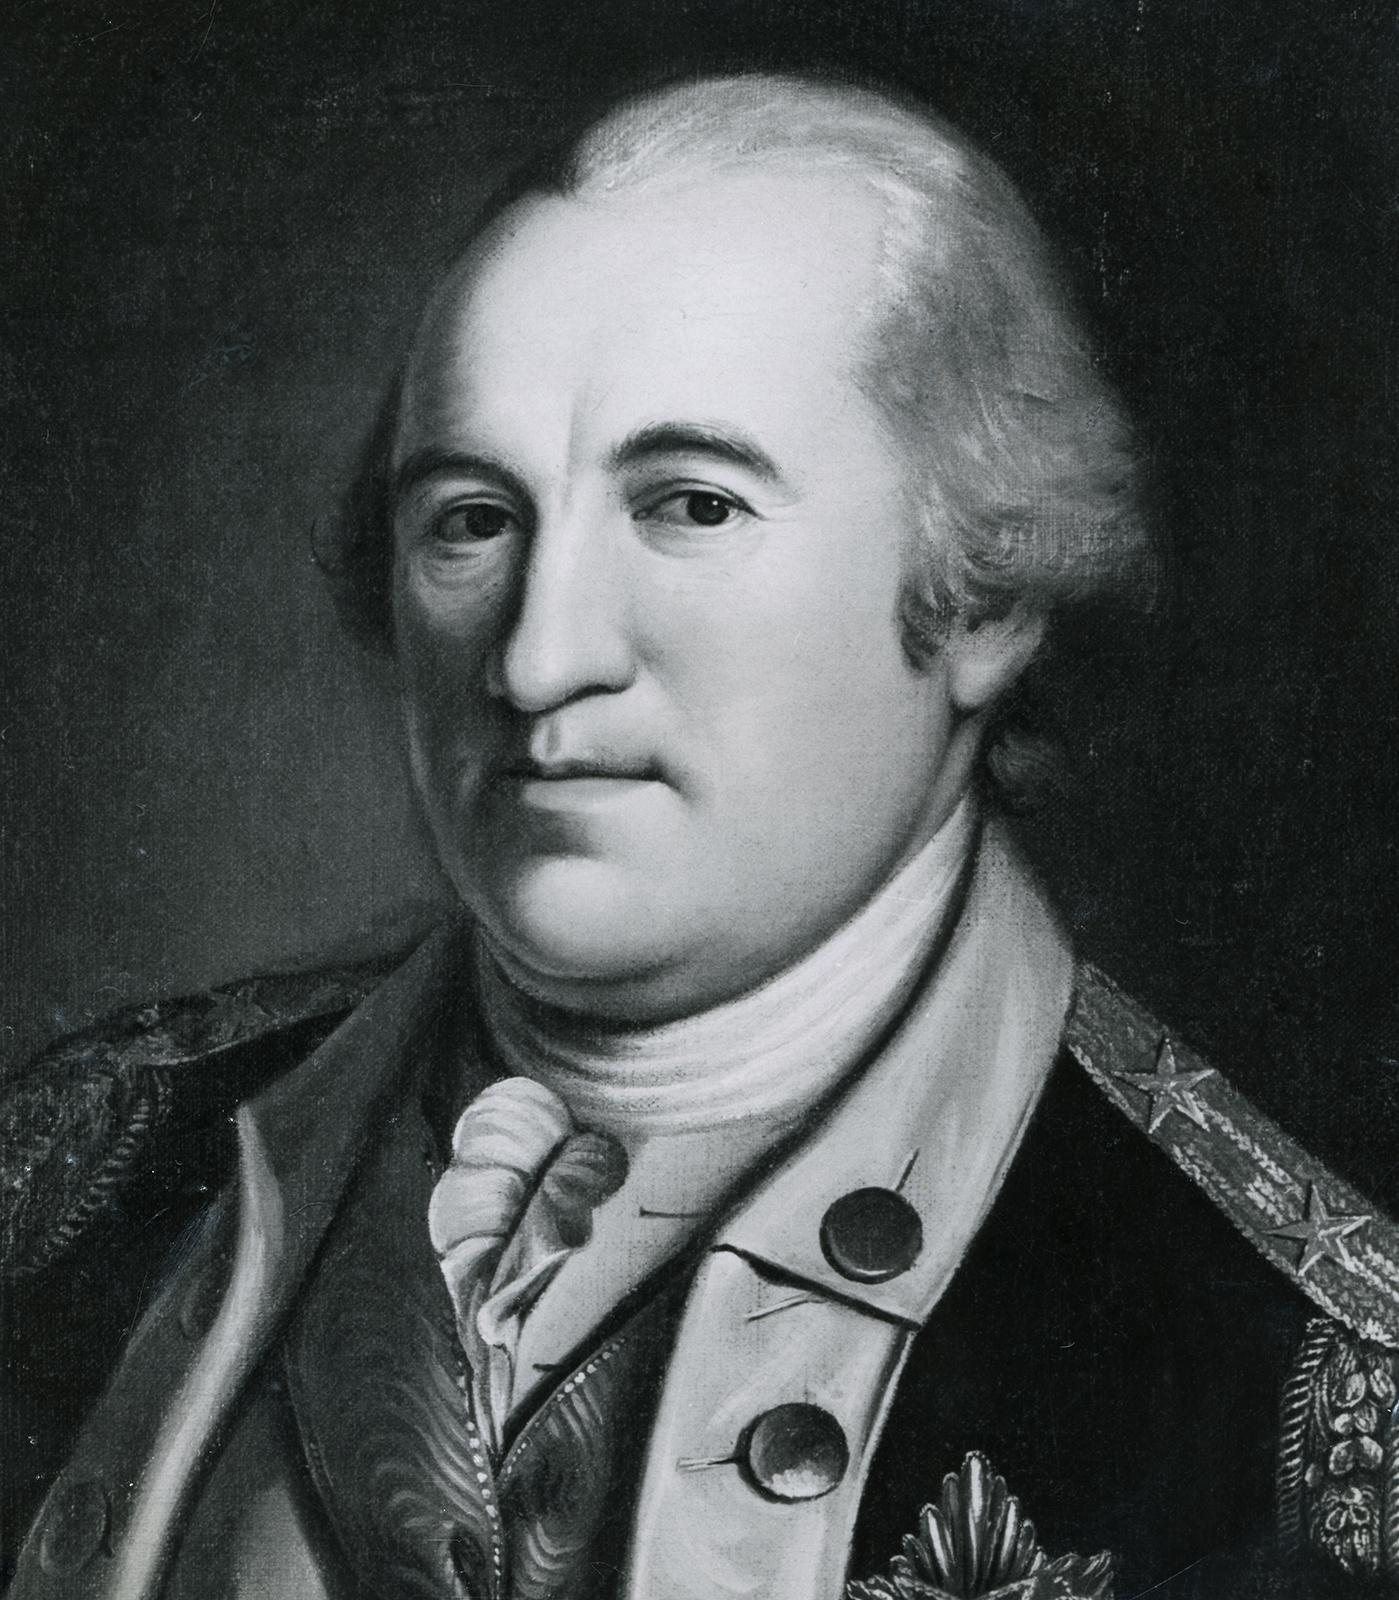 Baron von Steuben (German military officer).